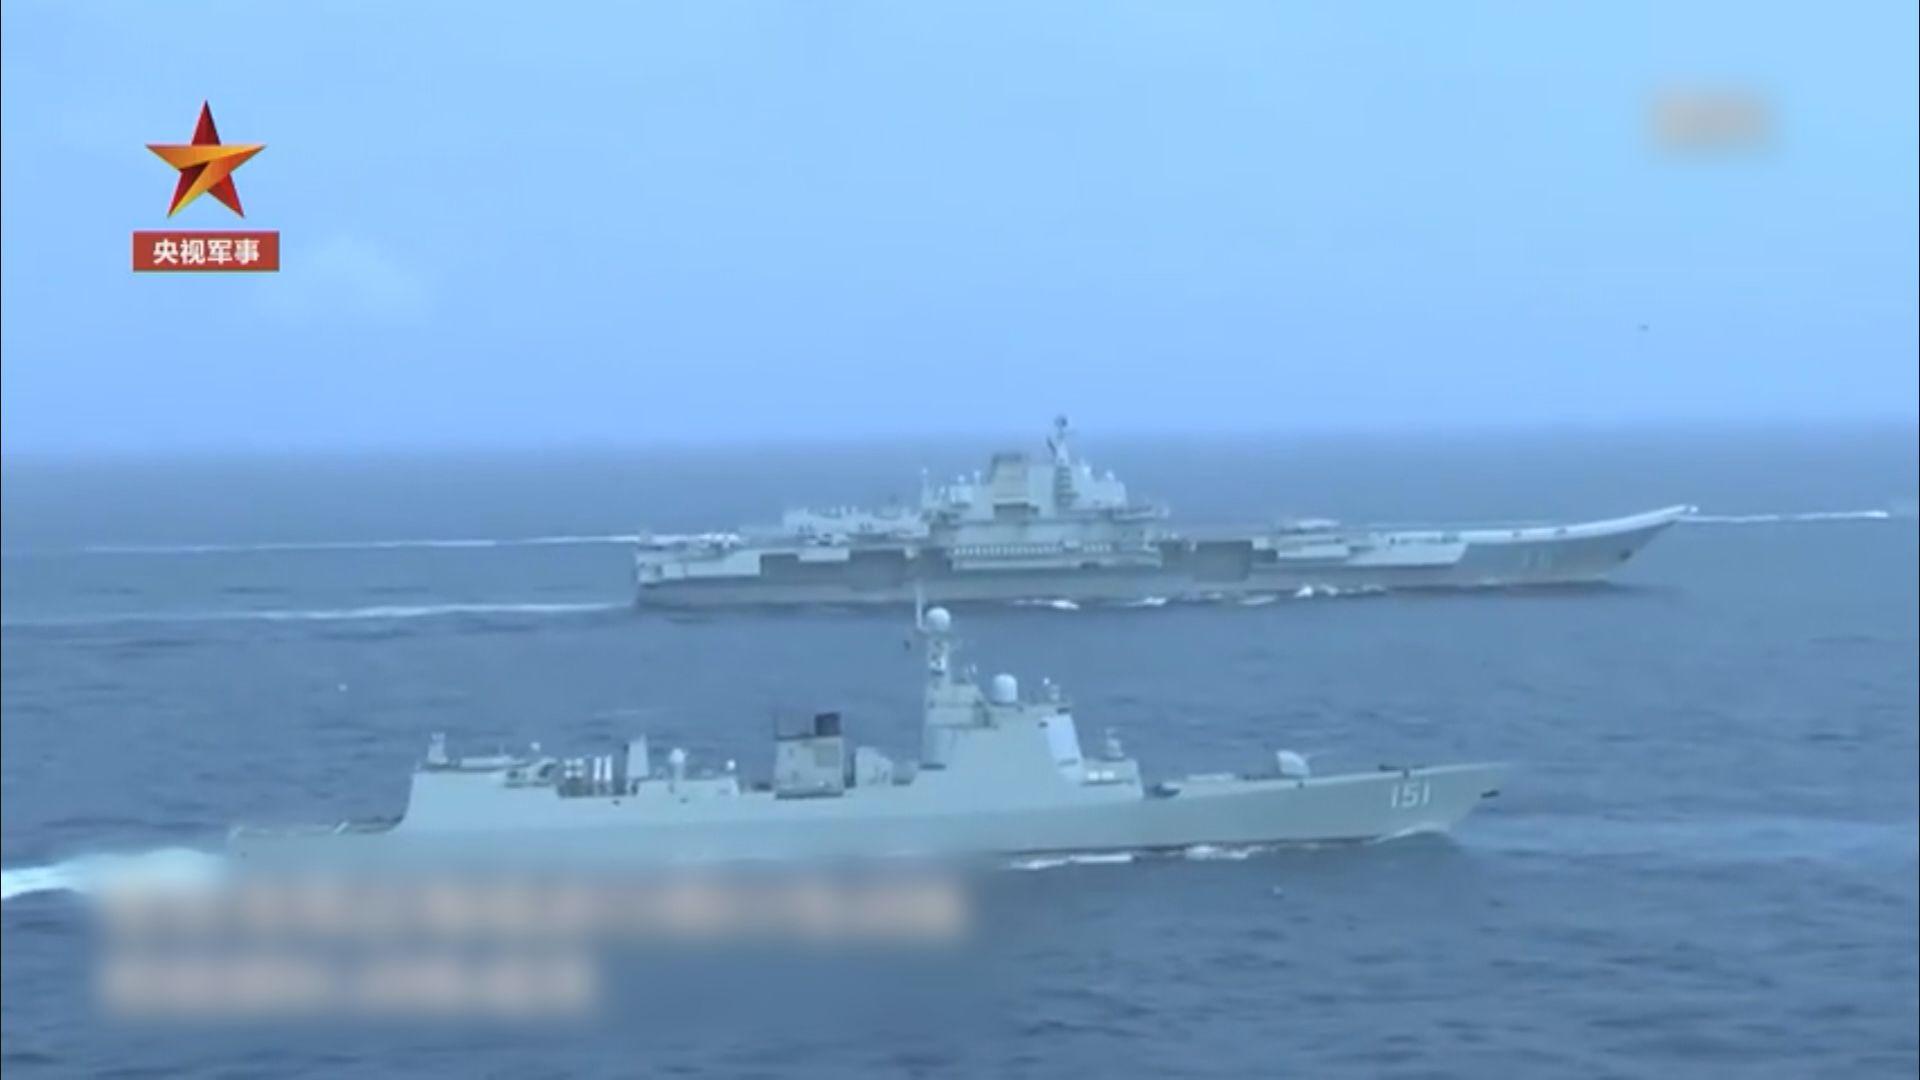 消息指美軍驅逐艦混入遼寧艦編隊緊隨  中美軍方未回應